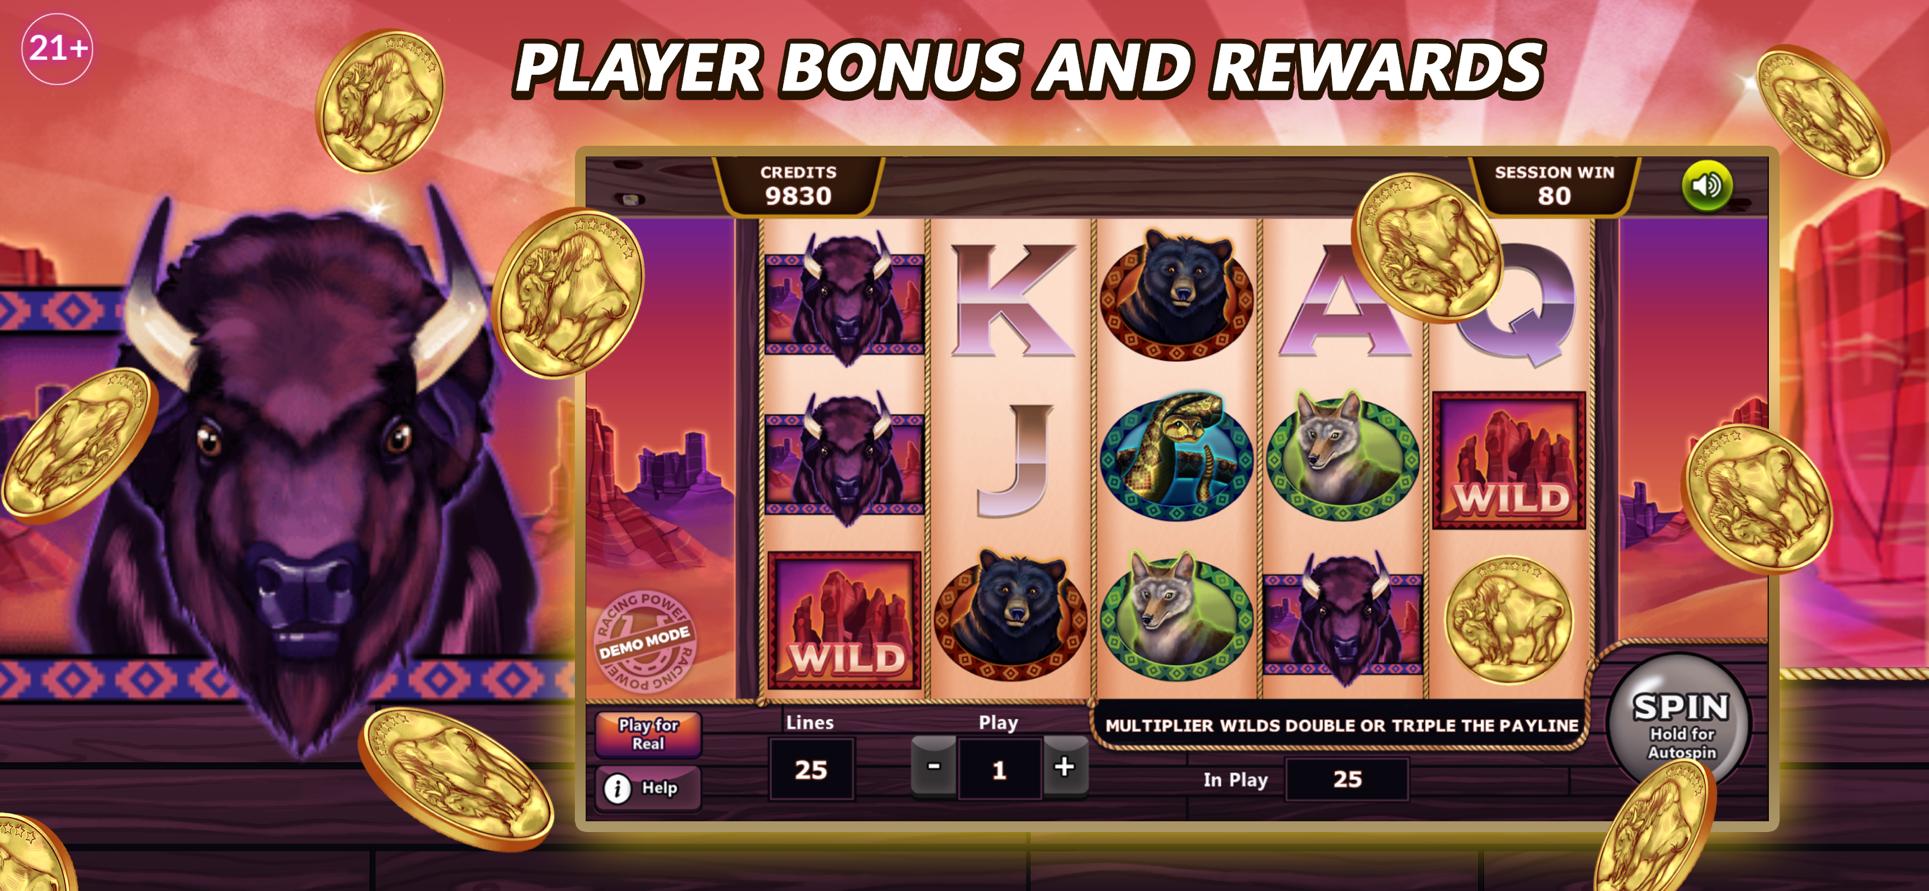 Video Game Gambling App